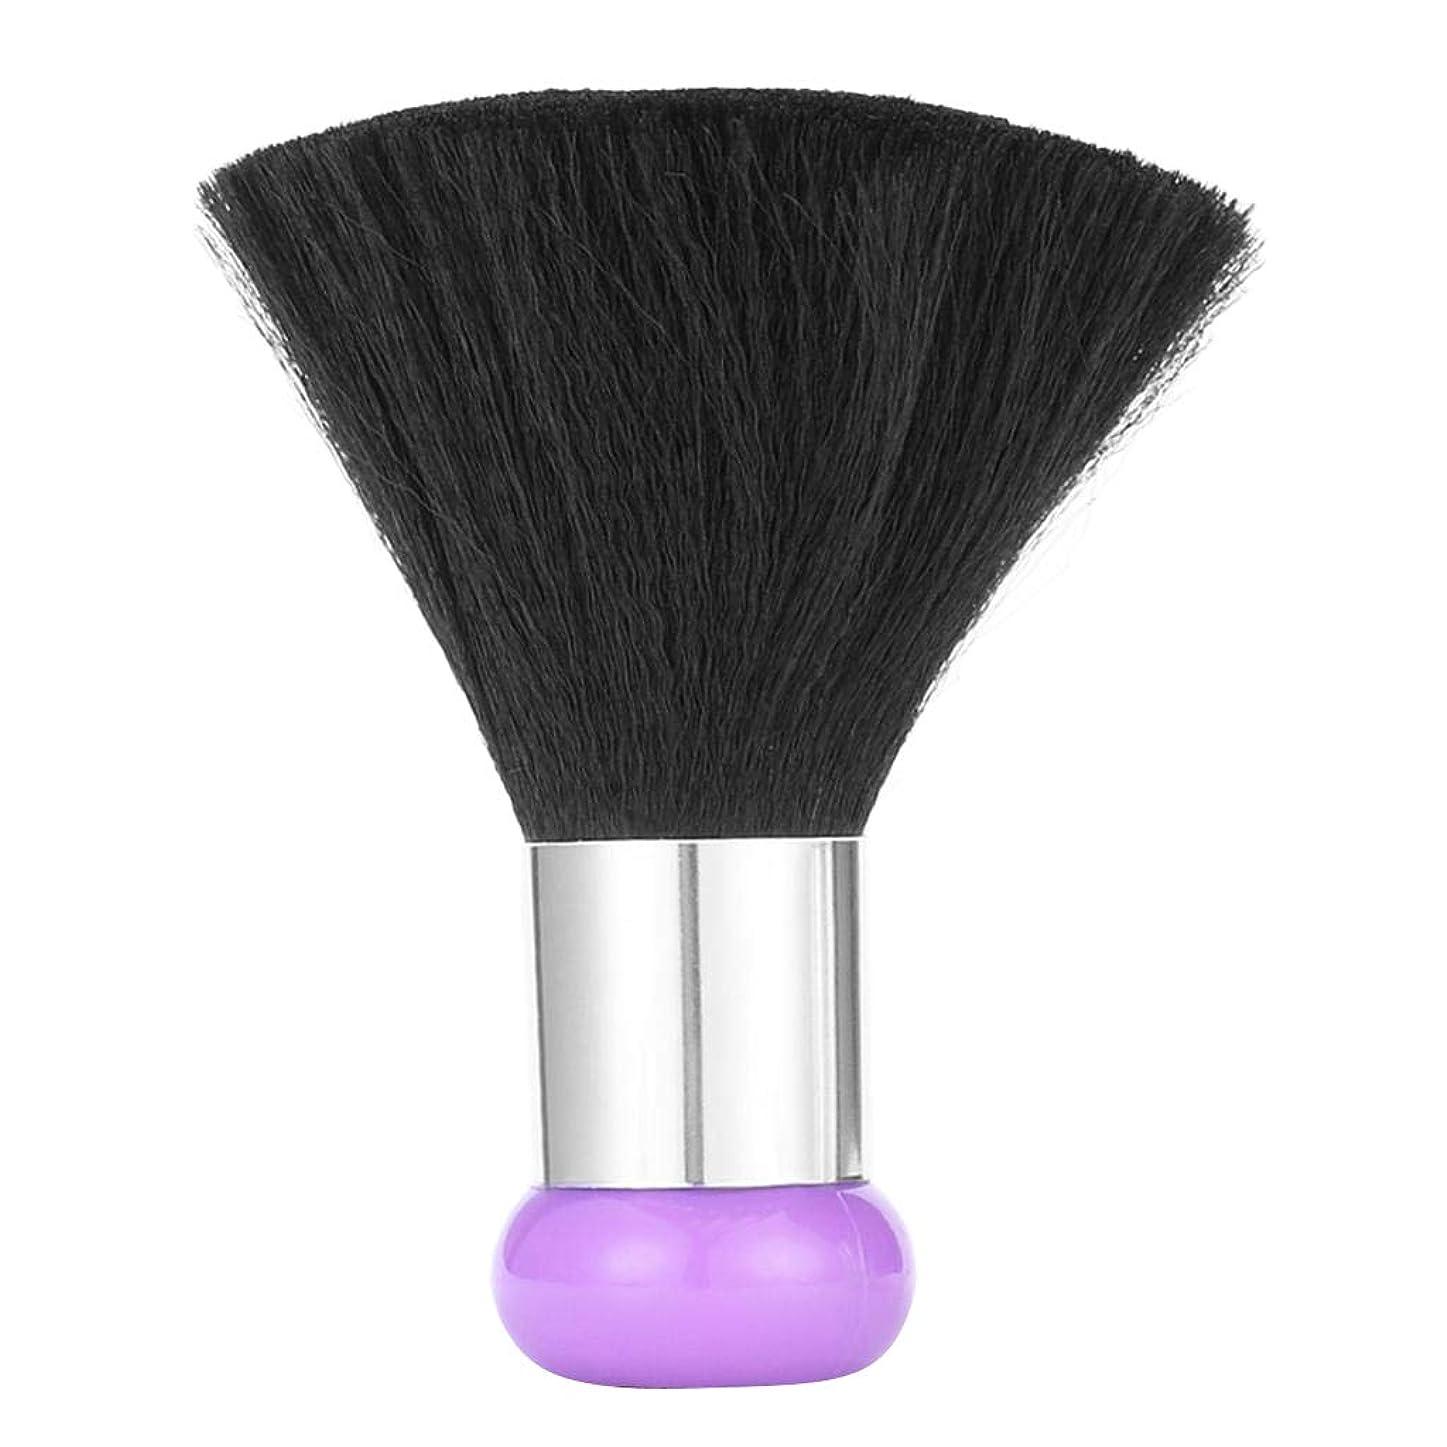 引数チーム何十人もB Blesiya ネックダスターブラシ ヘアカット ヘアブラシ クリーナー プロ 美容院 サロン 2色選べ - 紫